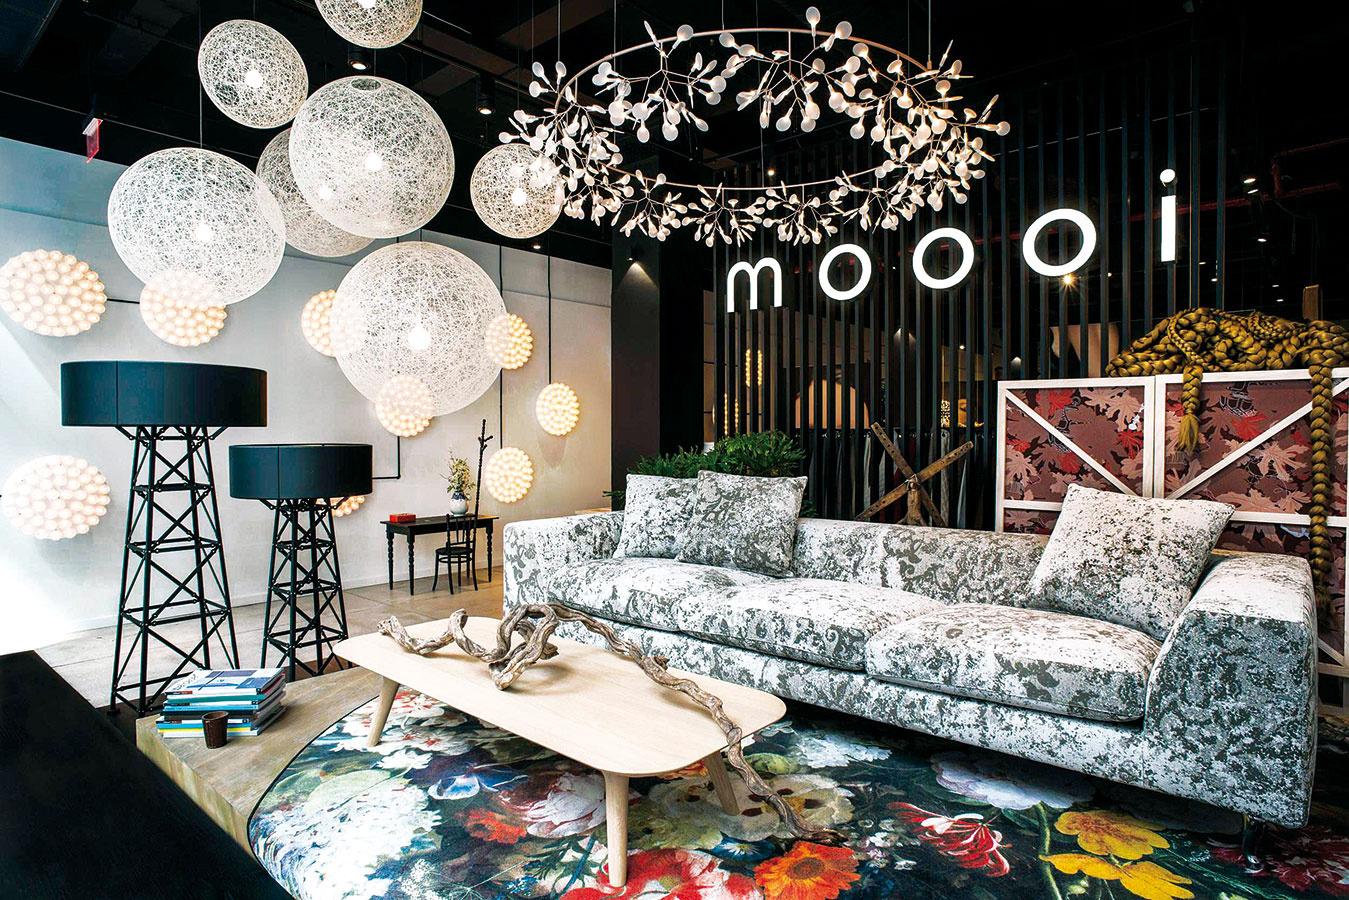 Rajská kráľovná alebo Eden Queen. Koberec vrámci uvedenia značky Moooi Carpets na trh navrhol Marcel Wanders. Fotorealistické vzory sú pre tohtoročnú kolekciu príznačné, ich pôsobenie vinteriéri je umelecké.